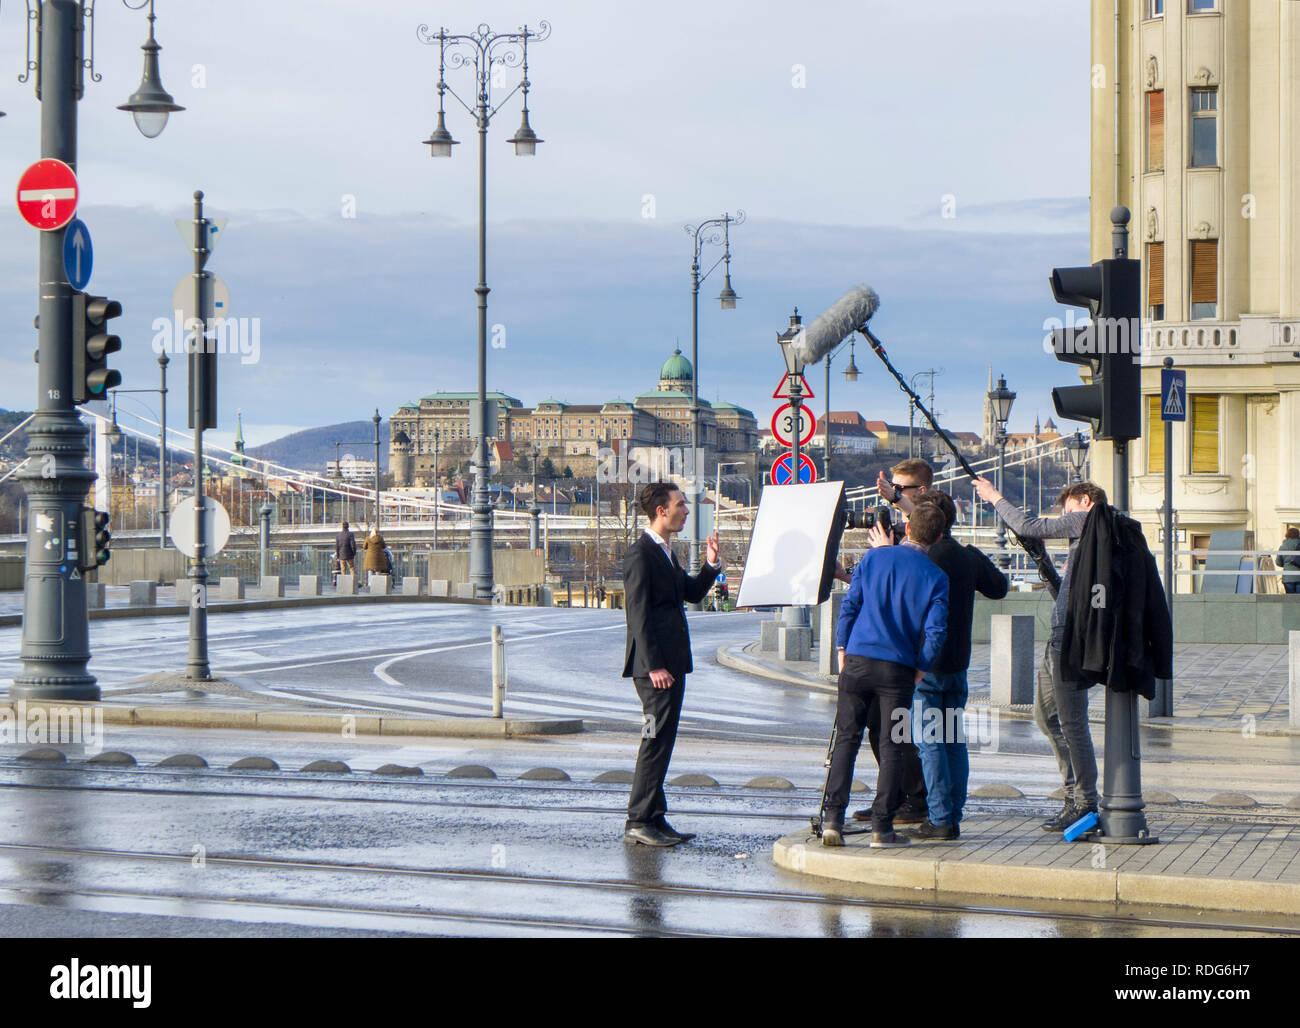 Film crew haciendo un reportaje sobre una de las calles de la ciudad Imagen De Stock